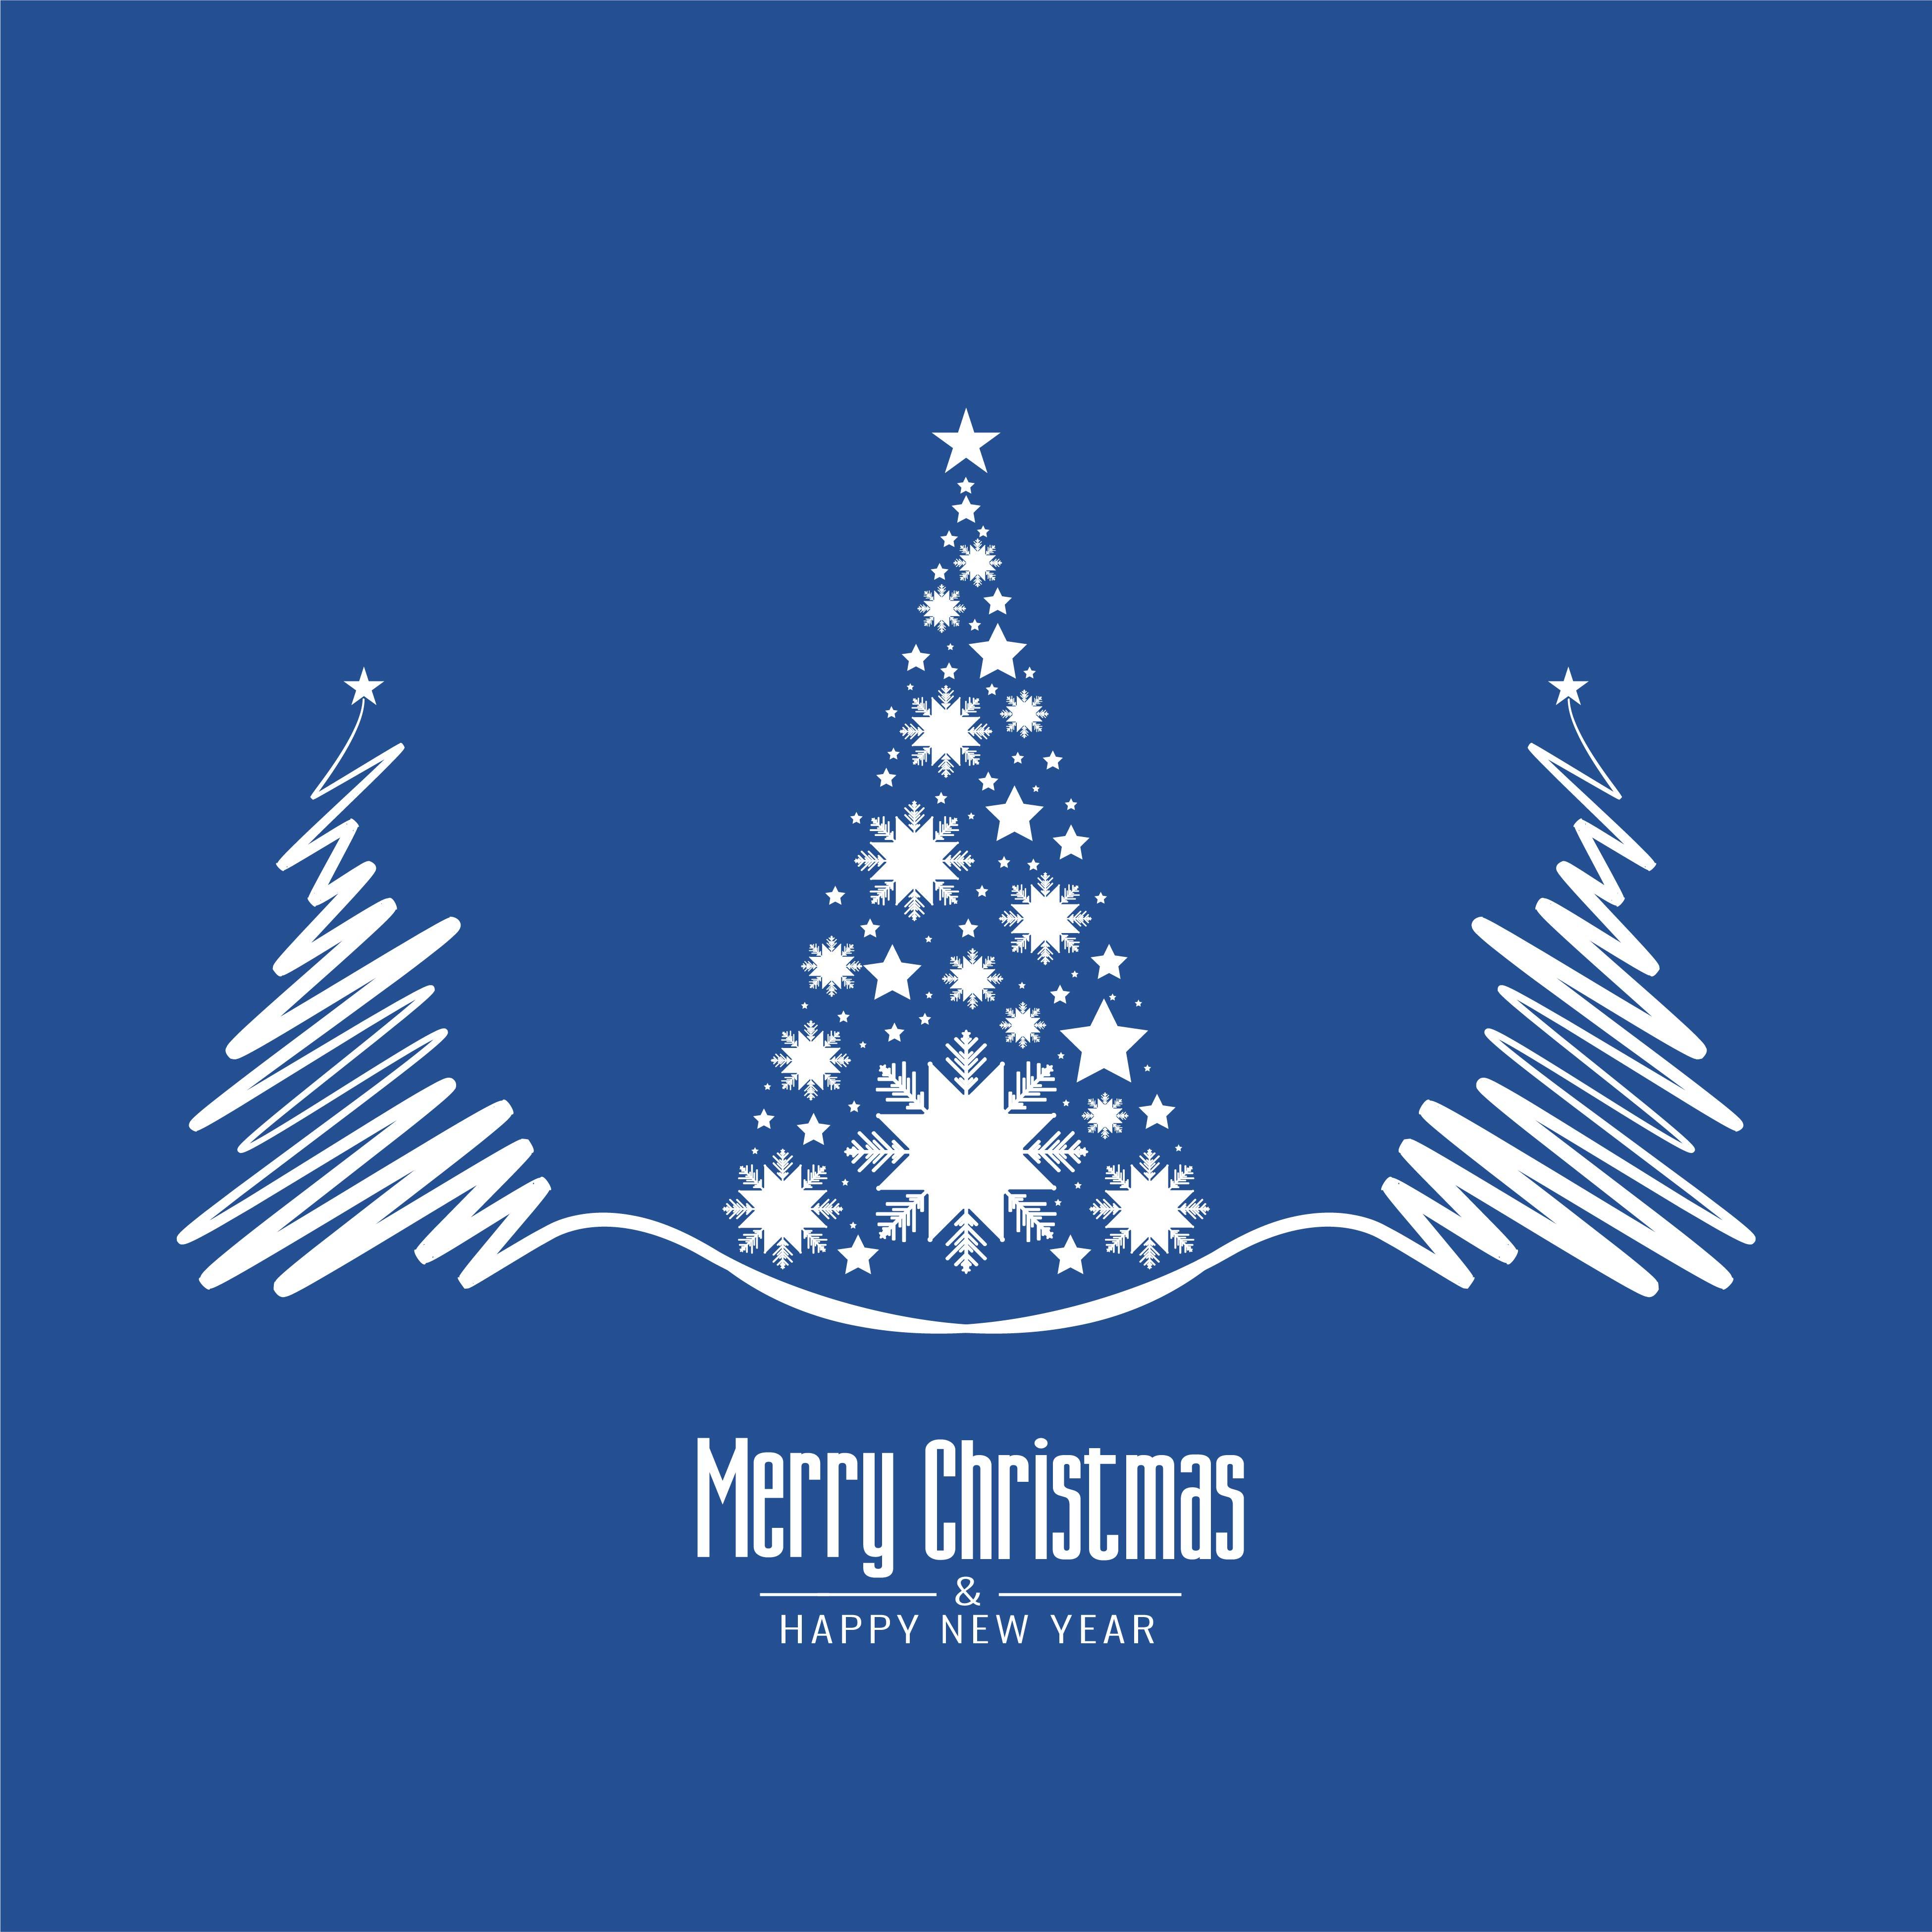 聖誕快樂圖 免費下載 | 天天瘋後製